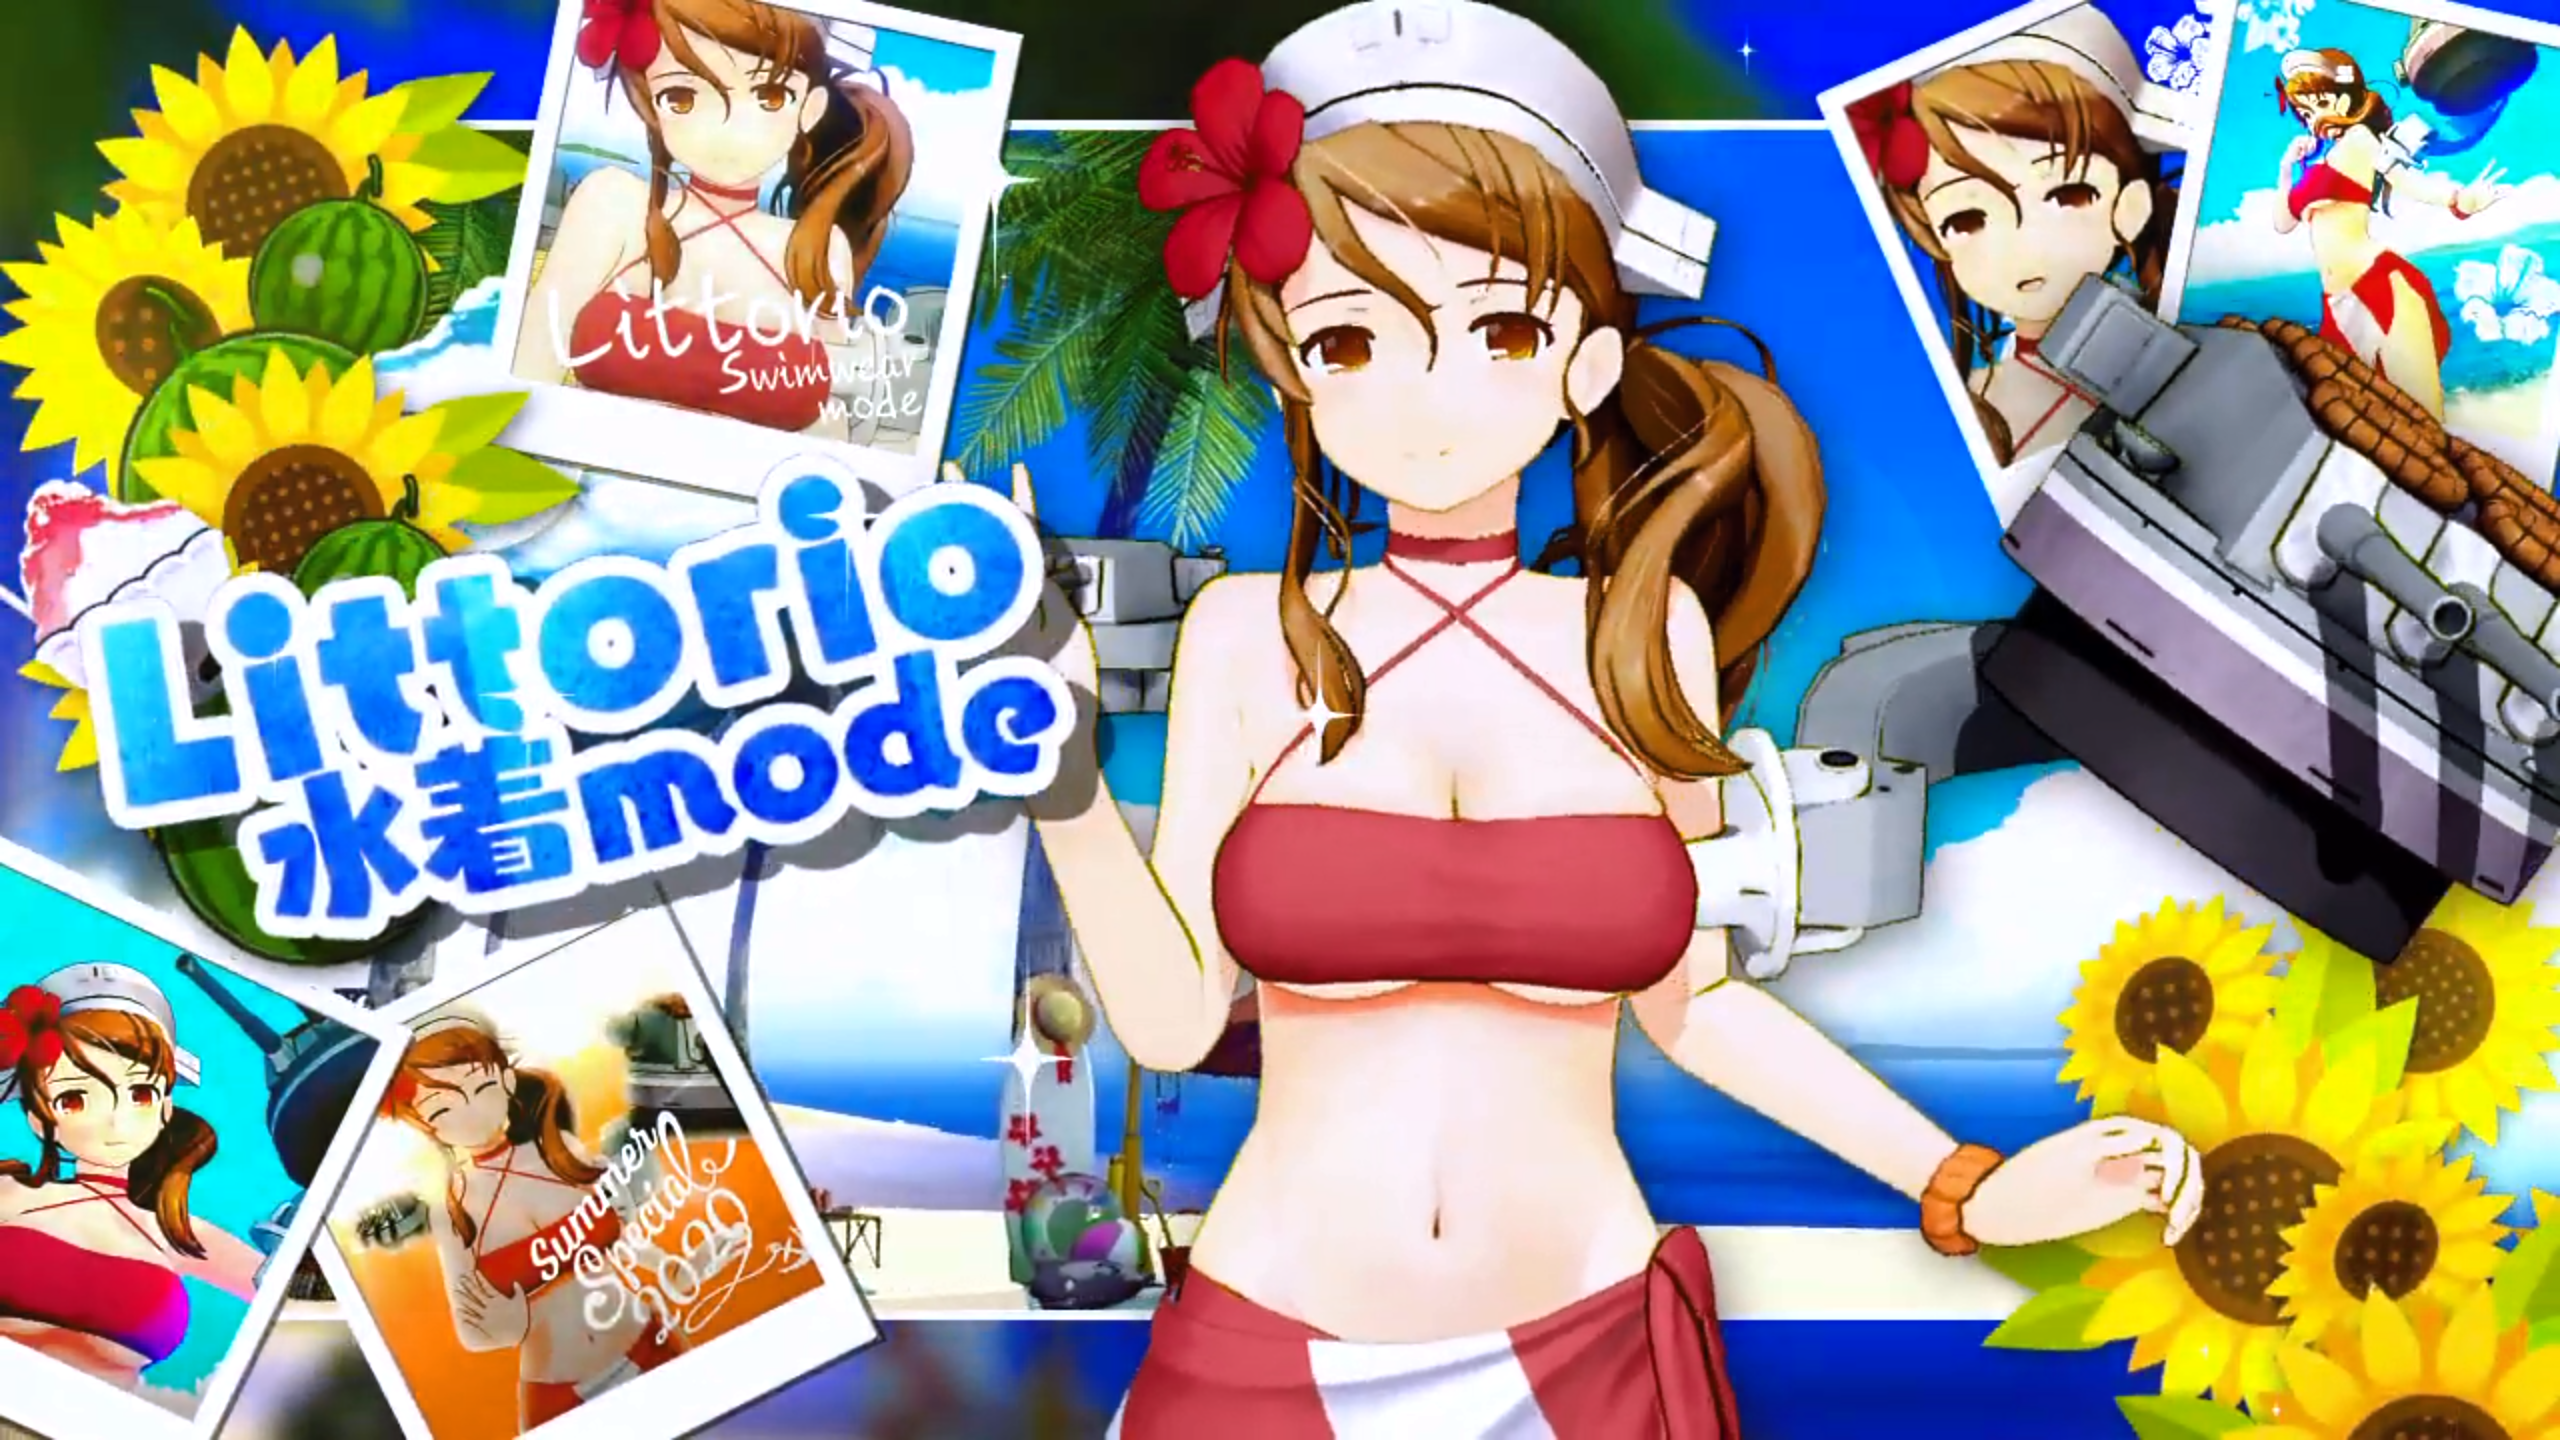 【AC】今年も水着の季節がやってきた!! -水着mode実装-